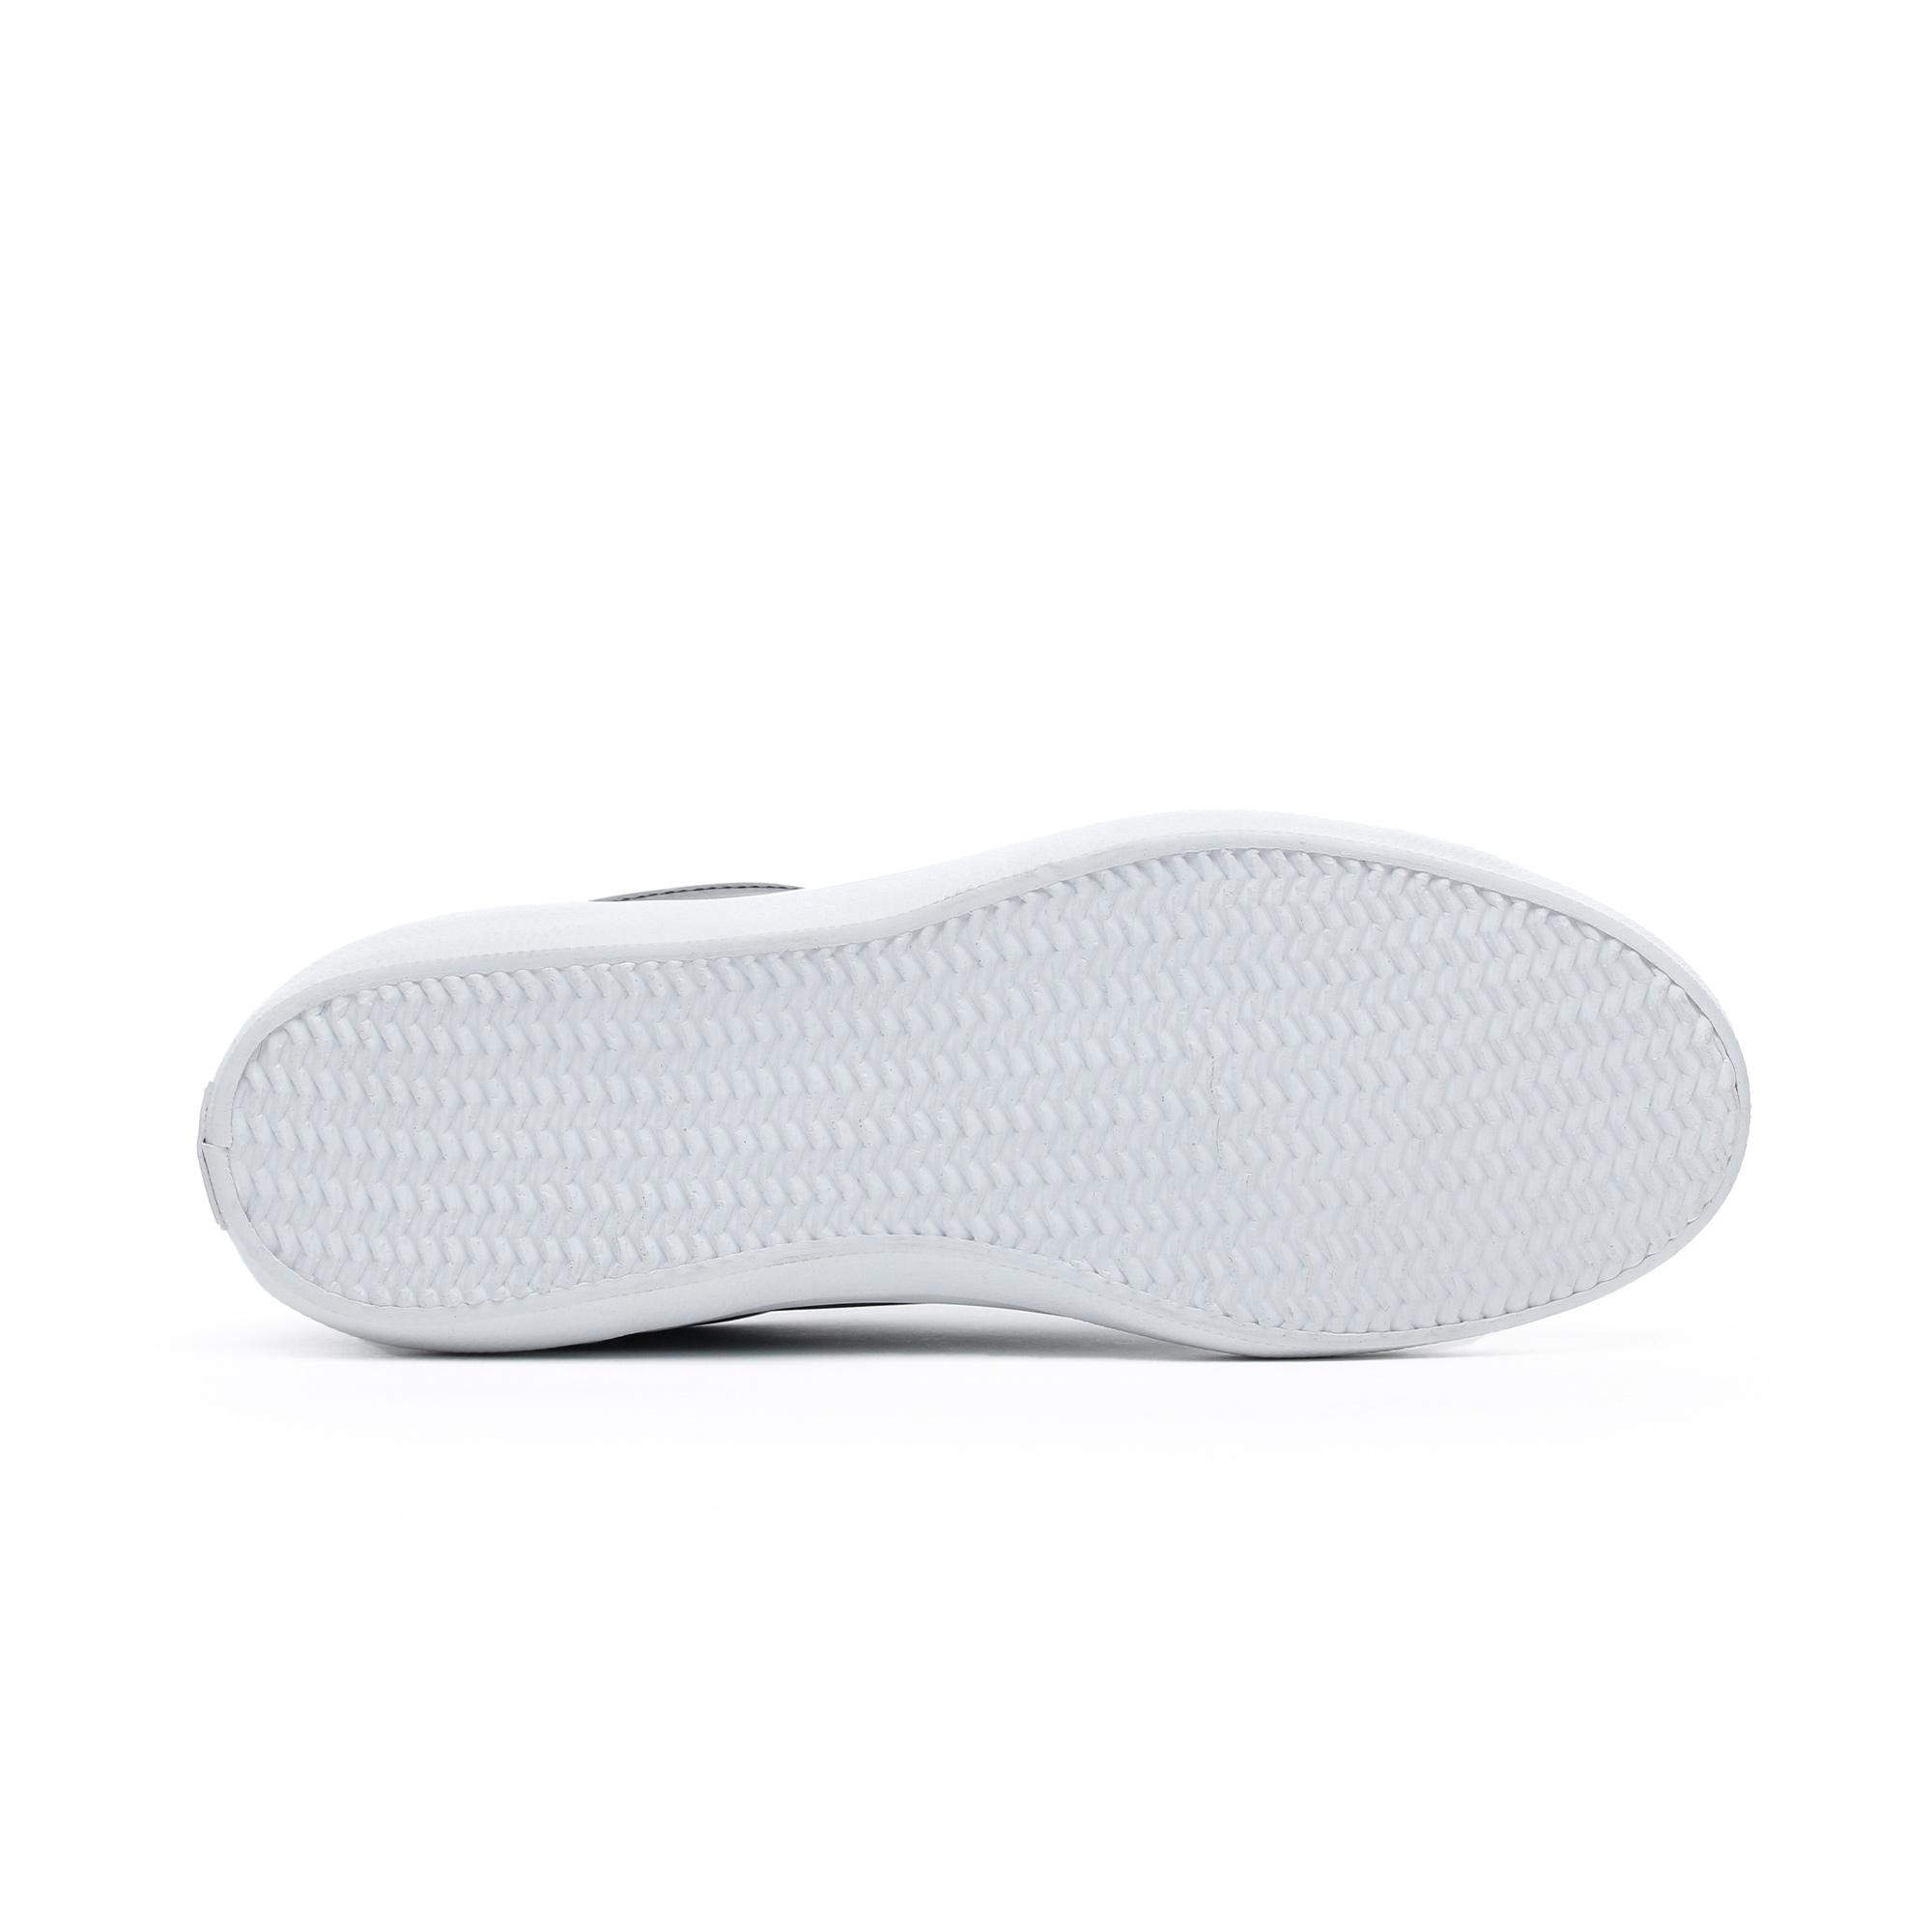 Lacoste Lerond Bl Erkek Siyah Spor Ayakkabı